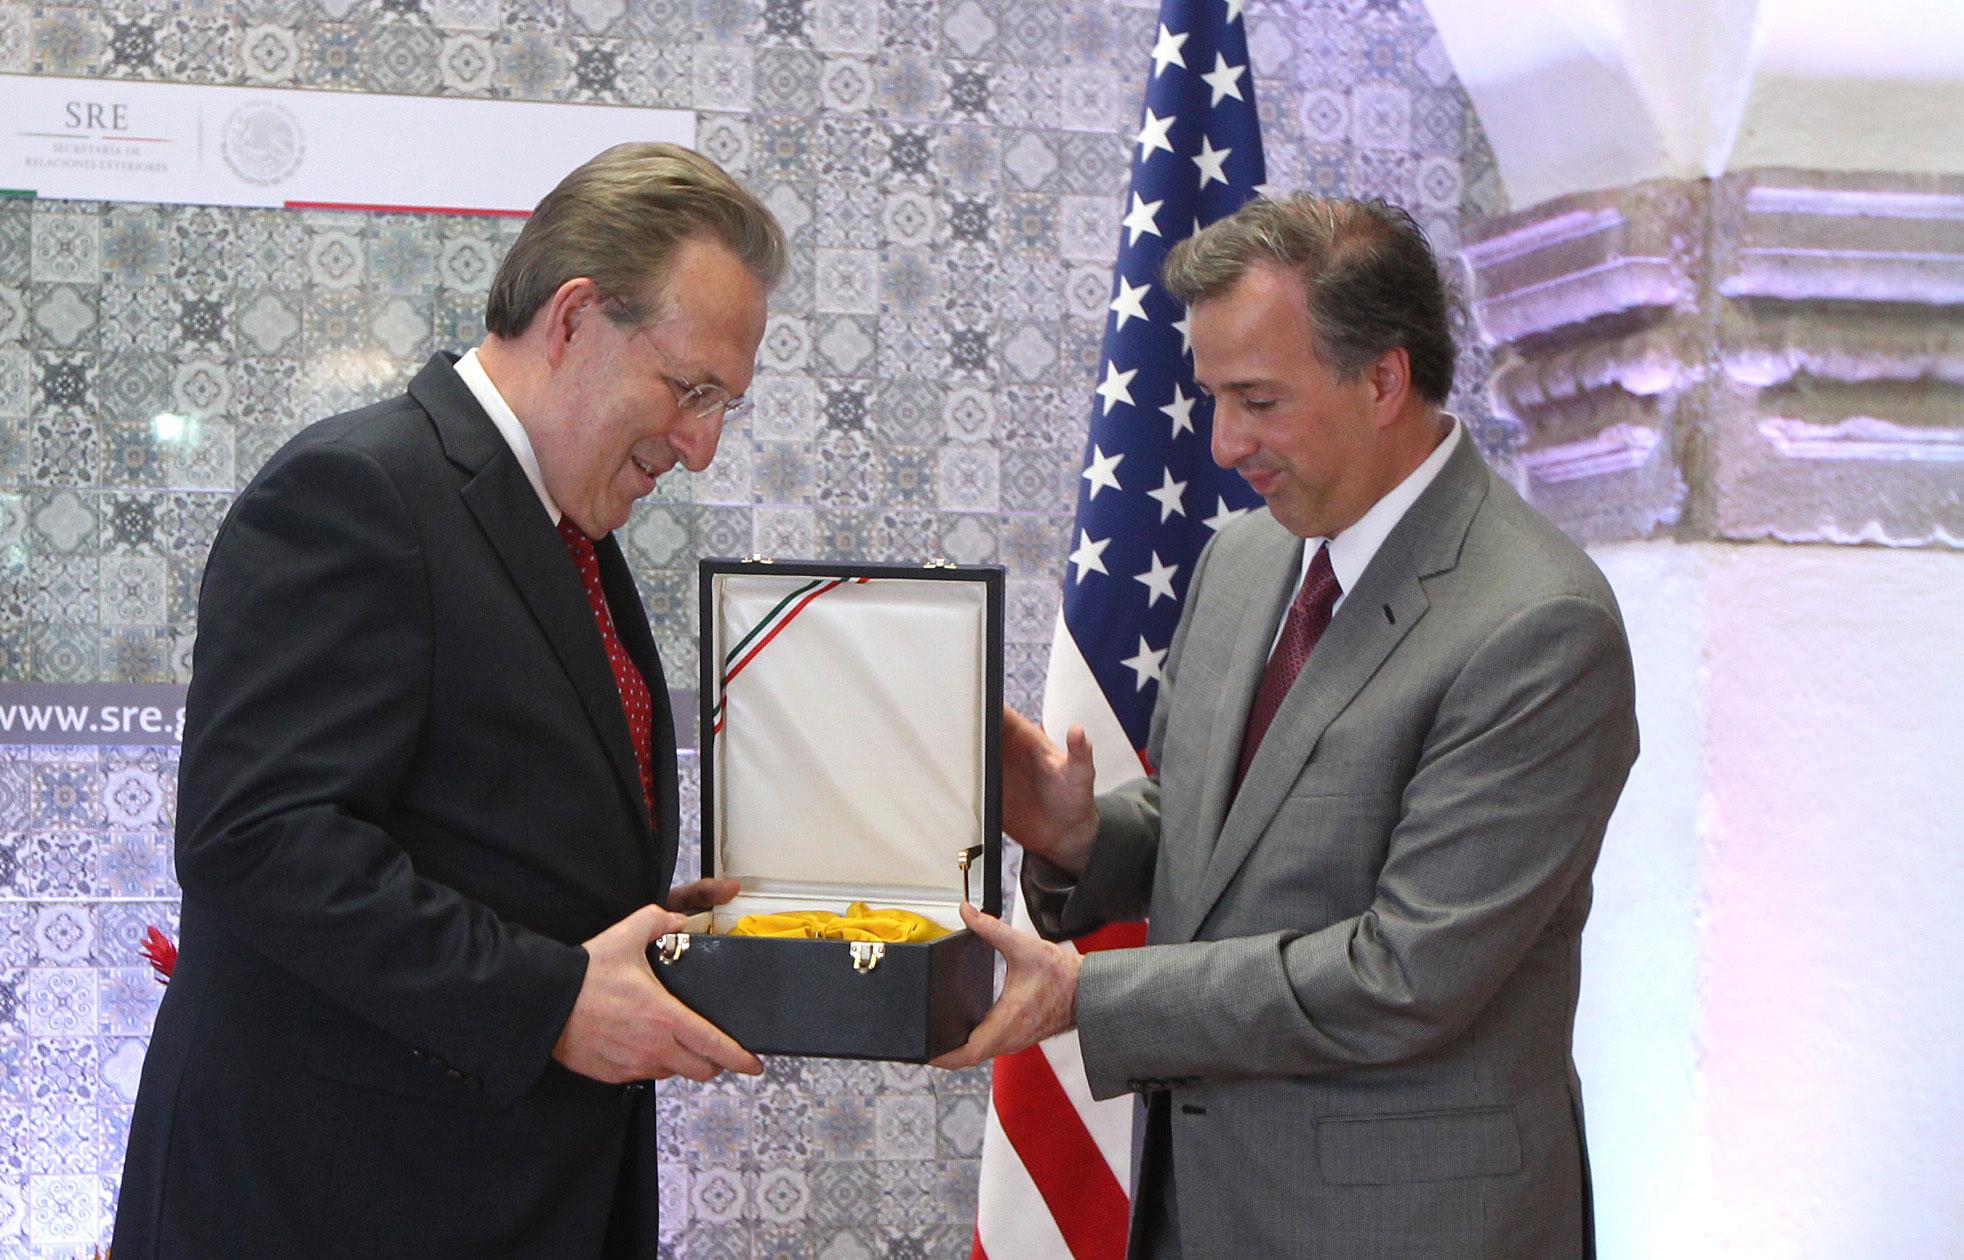 El canciller José Antonio Meade entrega la condecoración de la Orden Mexicana del Águila Azteca al embajador Anthony Wayne